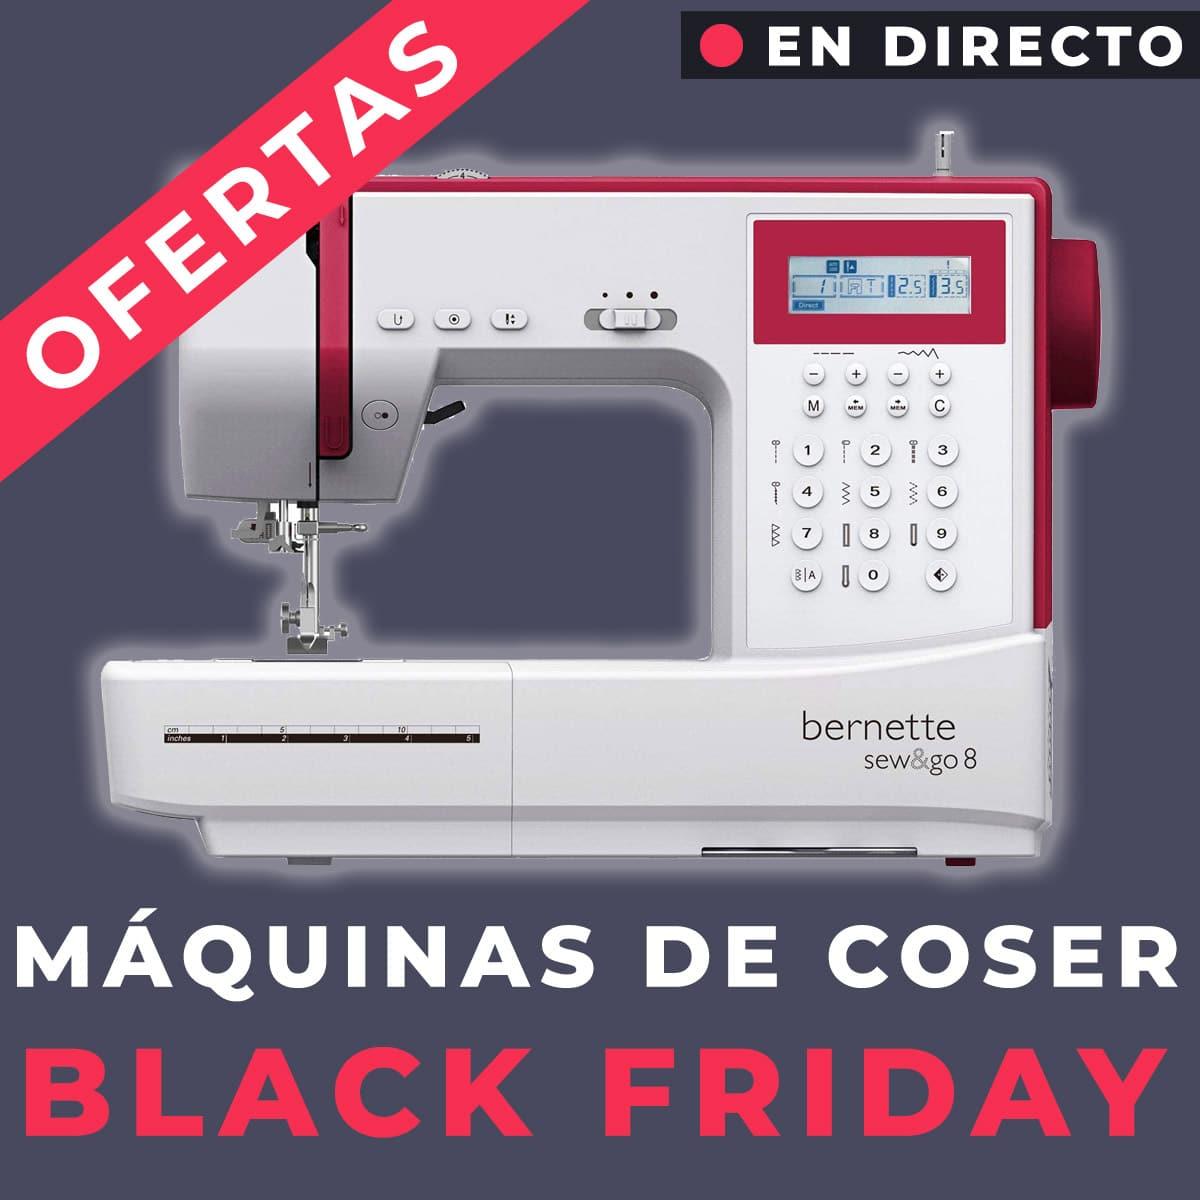 ofertas maquinas de coser black friday